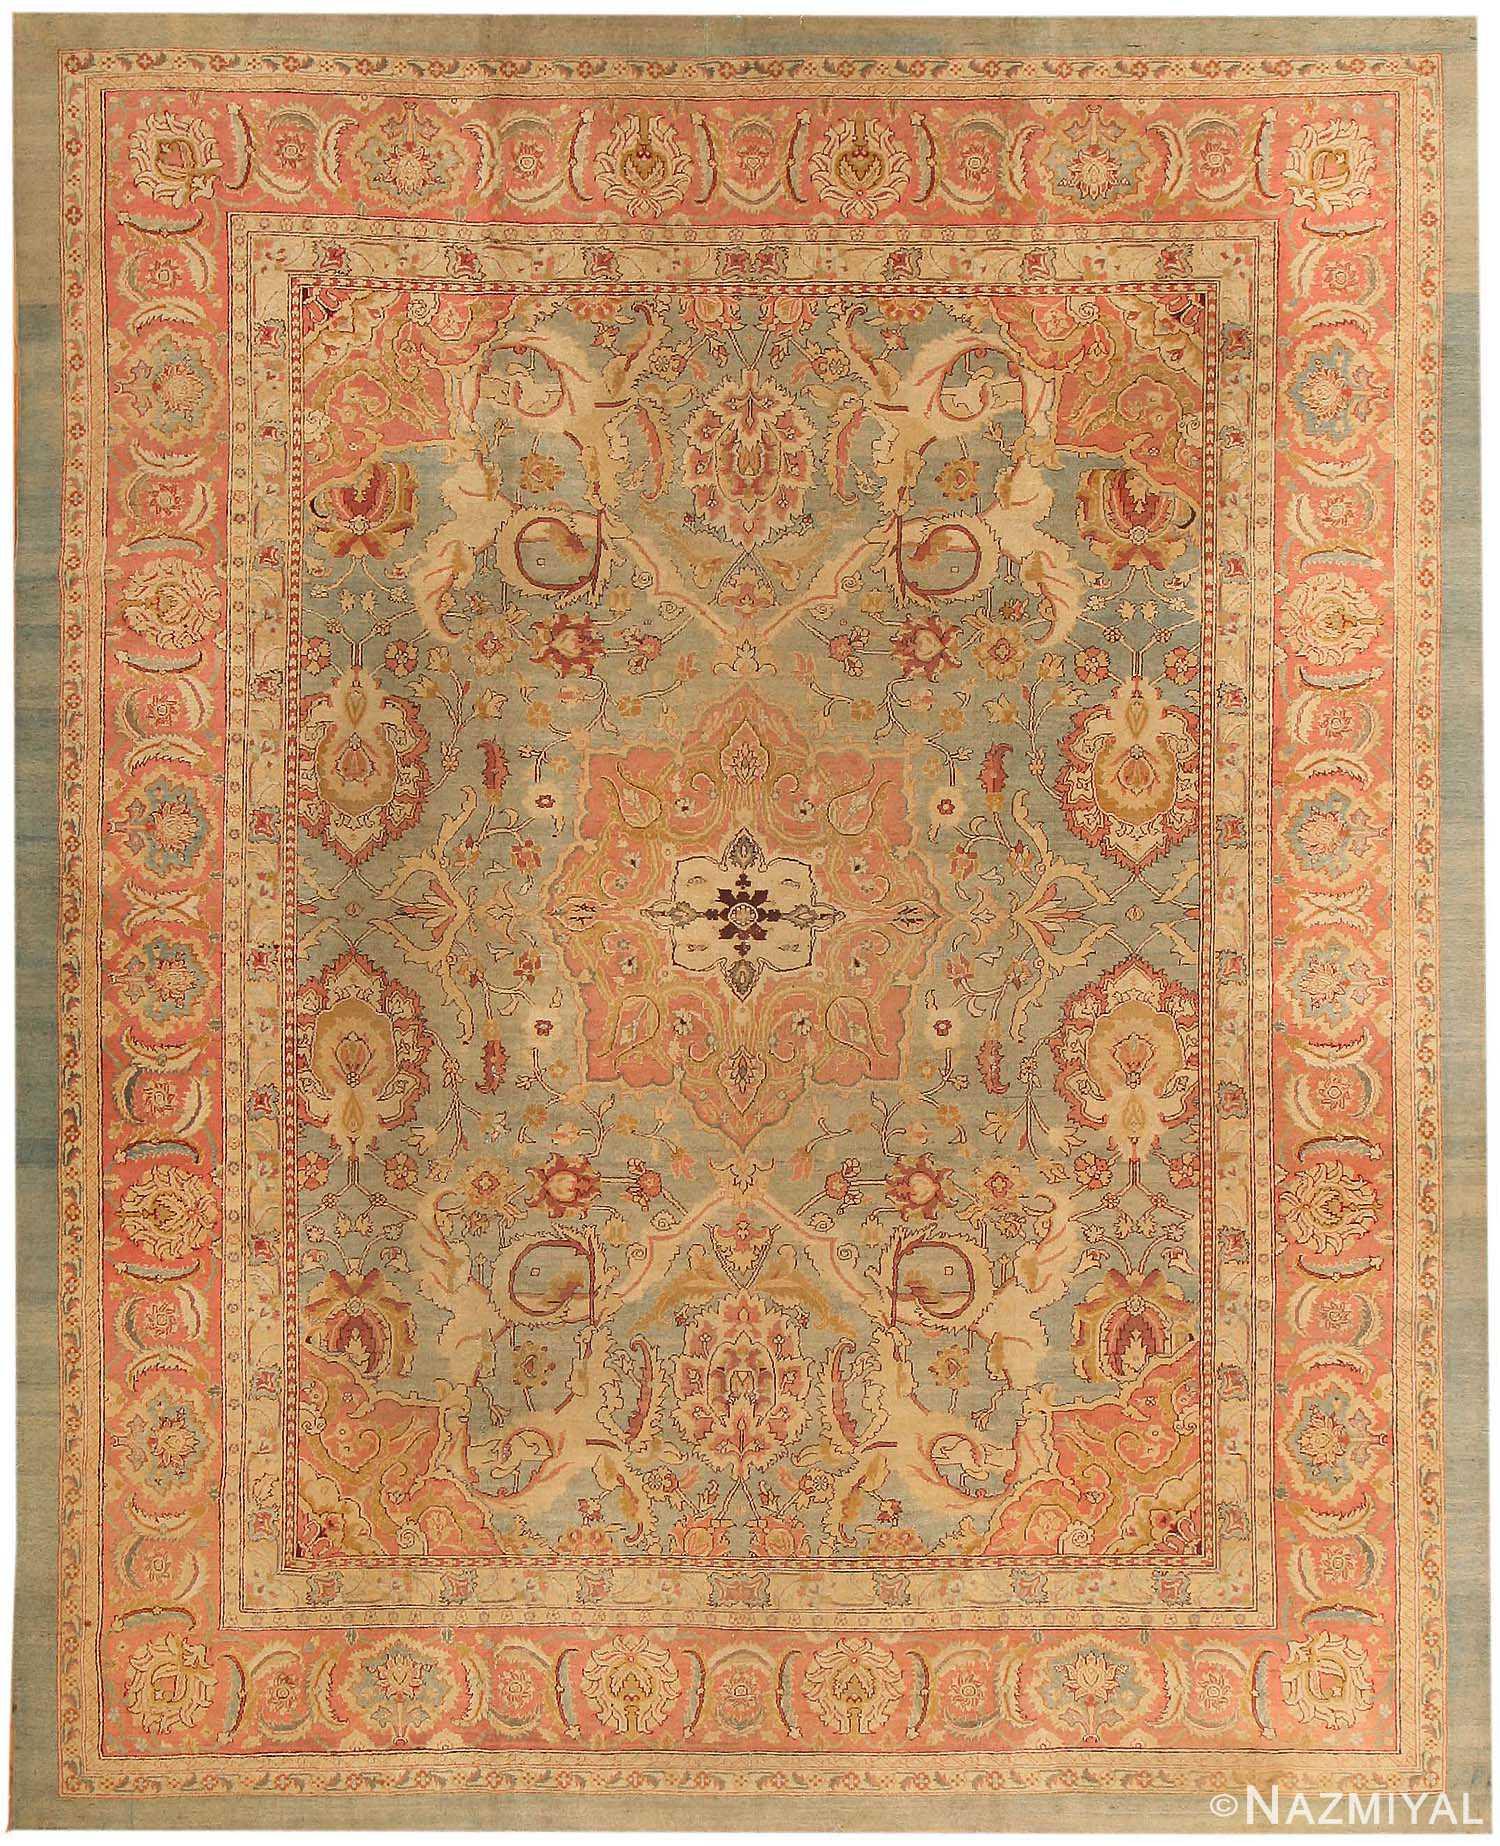 Indian Agra Carpet 43693 By Nazmiyal